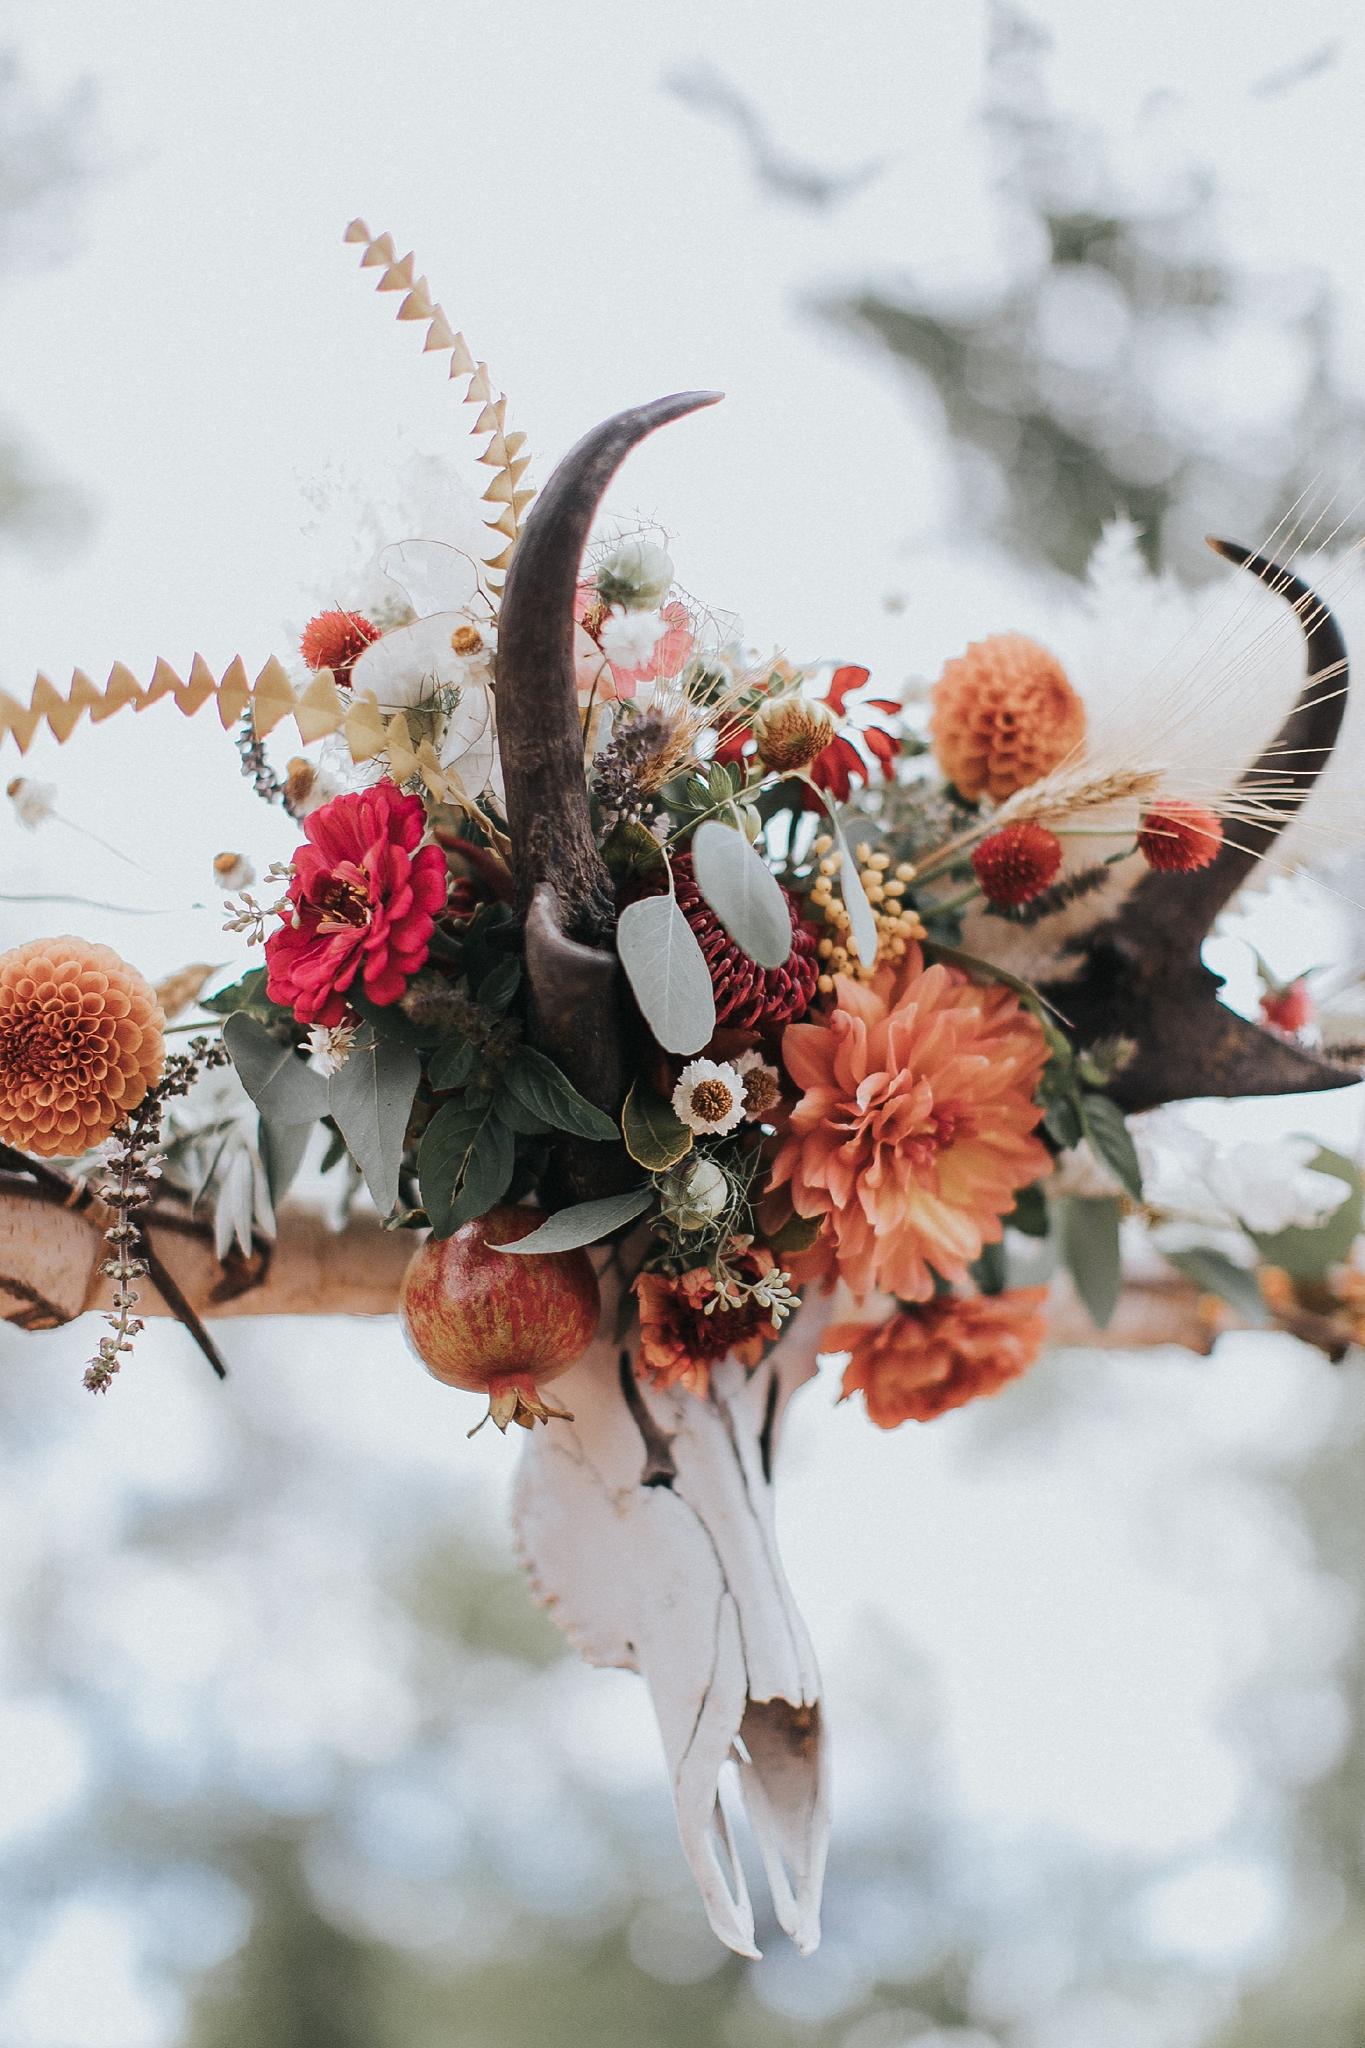 Alicia+lucia+photography+-+albuquerque+wedding+photographer+-+santa+fe+wedding+photography+-+new+mexico+wedding+photographer+-+wedding+ceremony+-+wedding+alter+-+floral+alter_0074.jpg